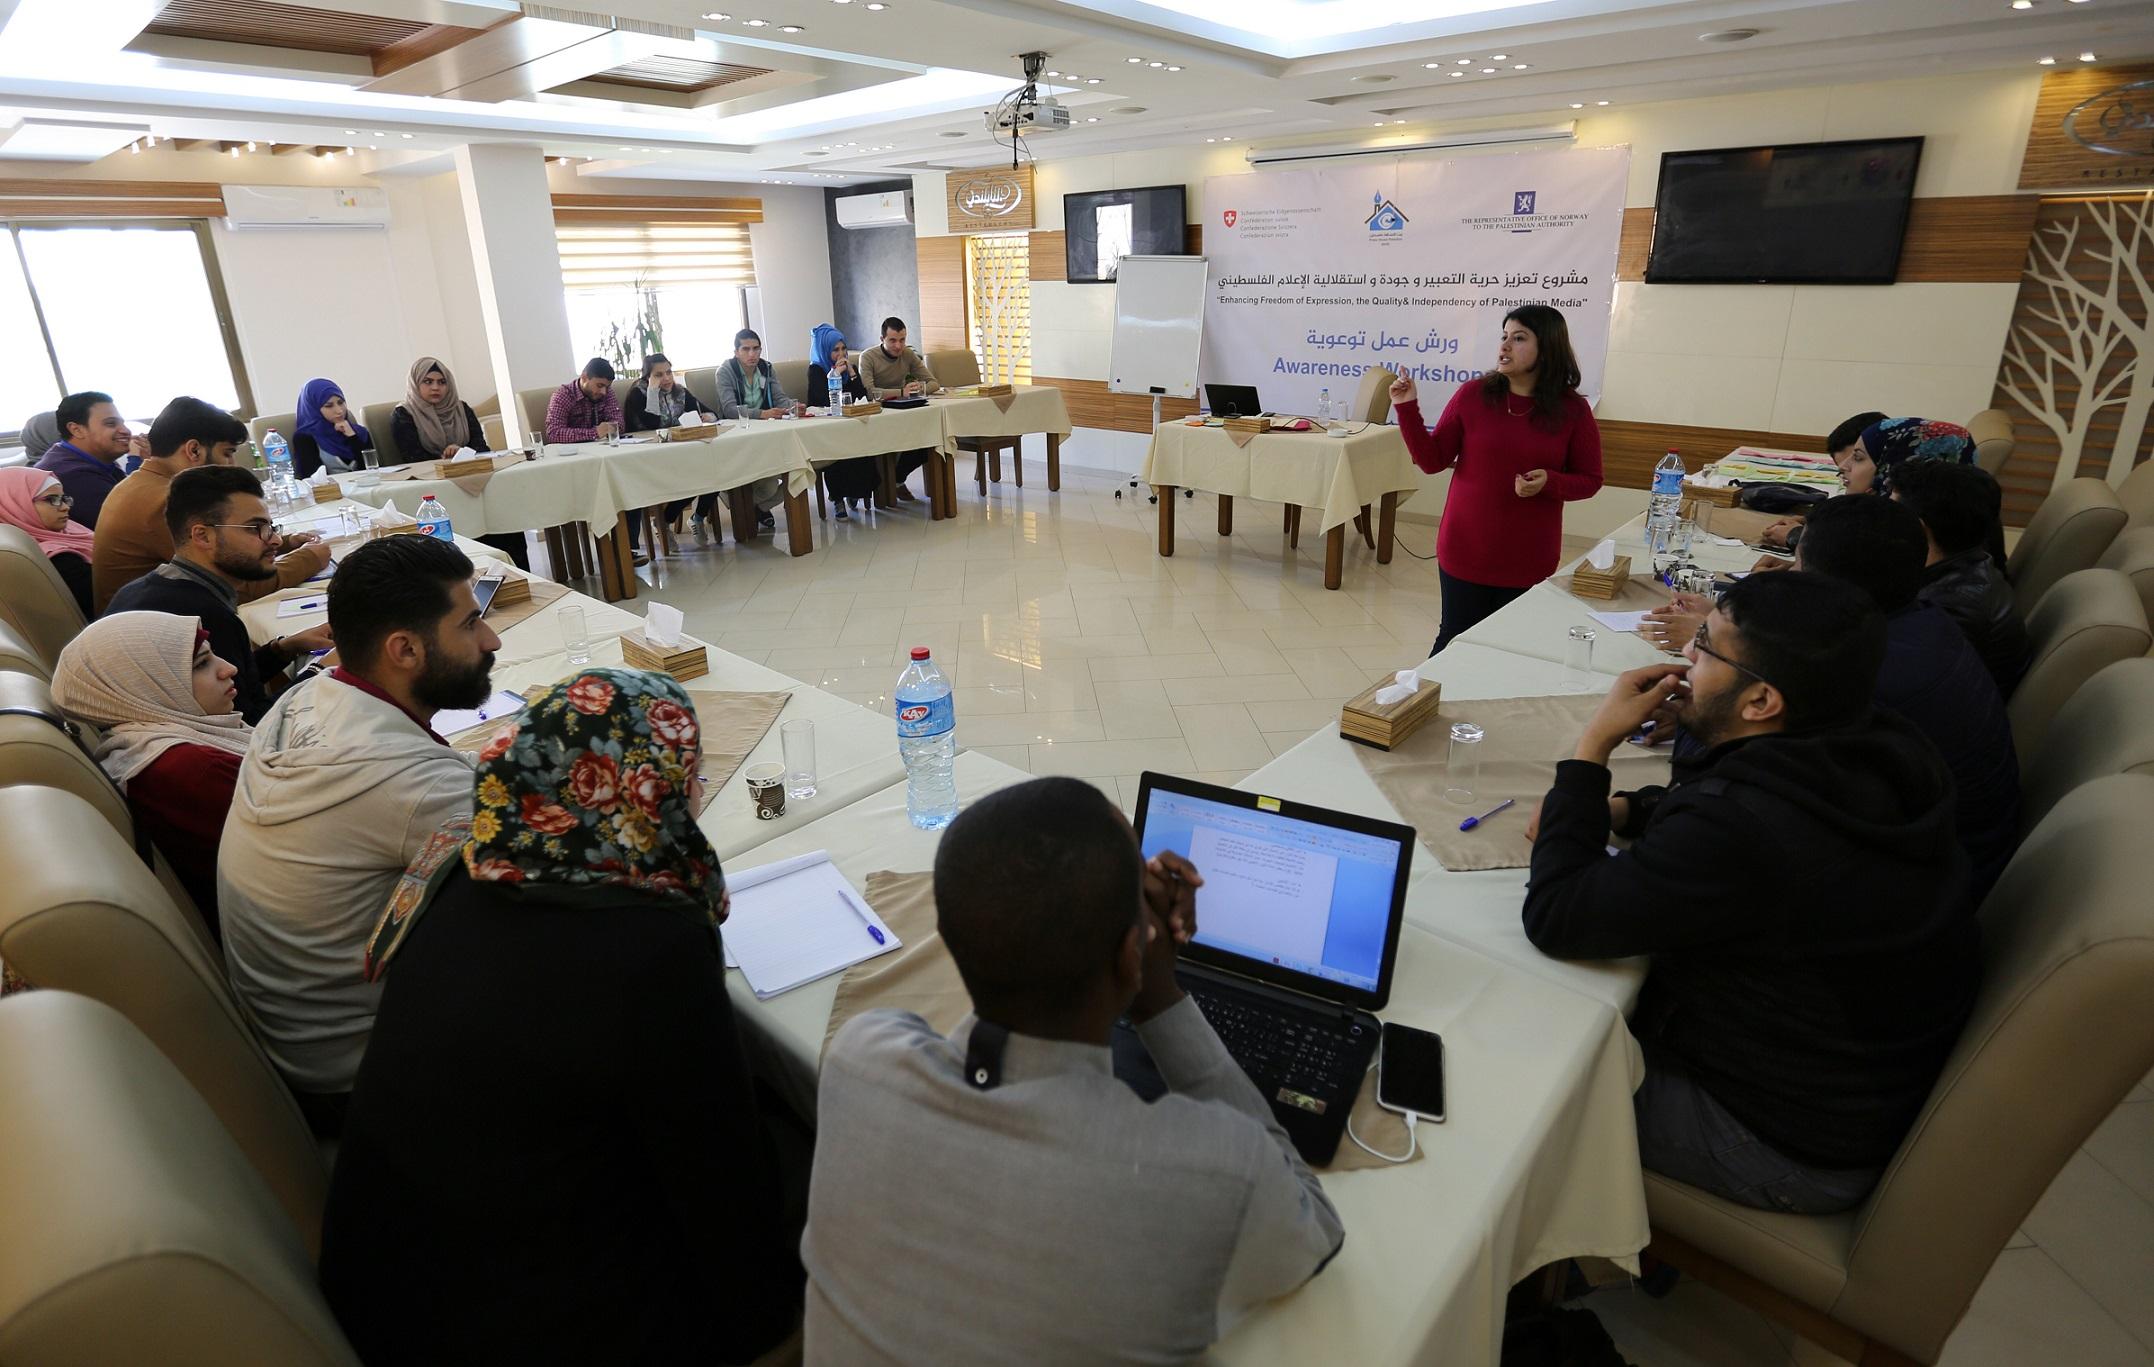 بيت الصحافة يعقد ورشة توعوية حول النوع الاجتماعي